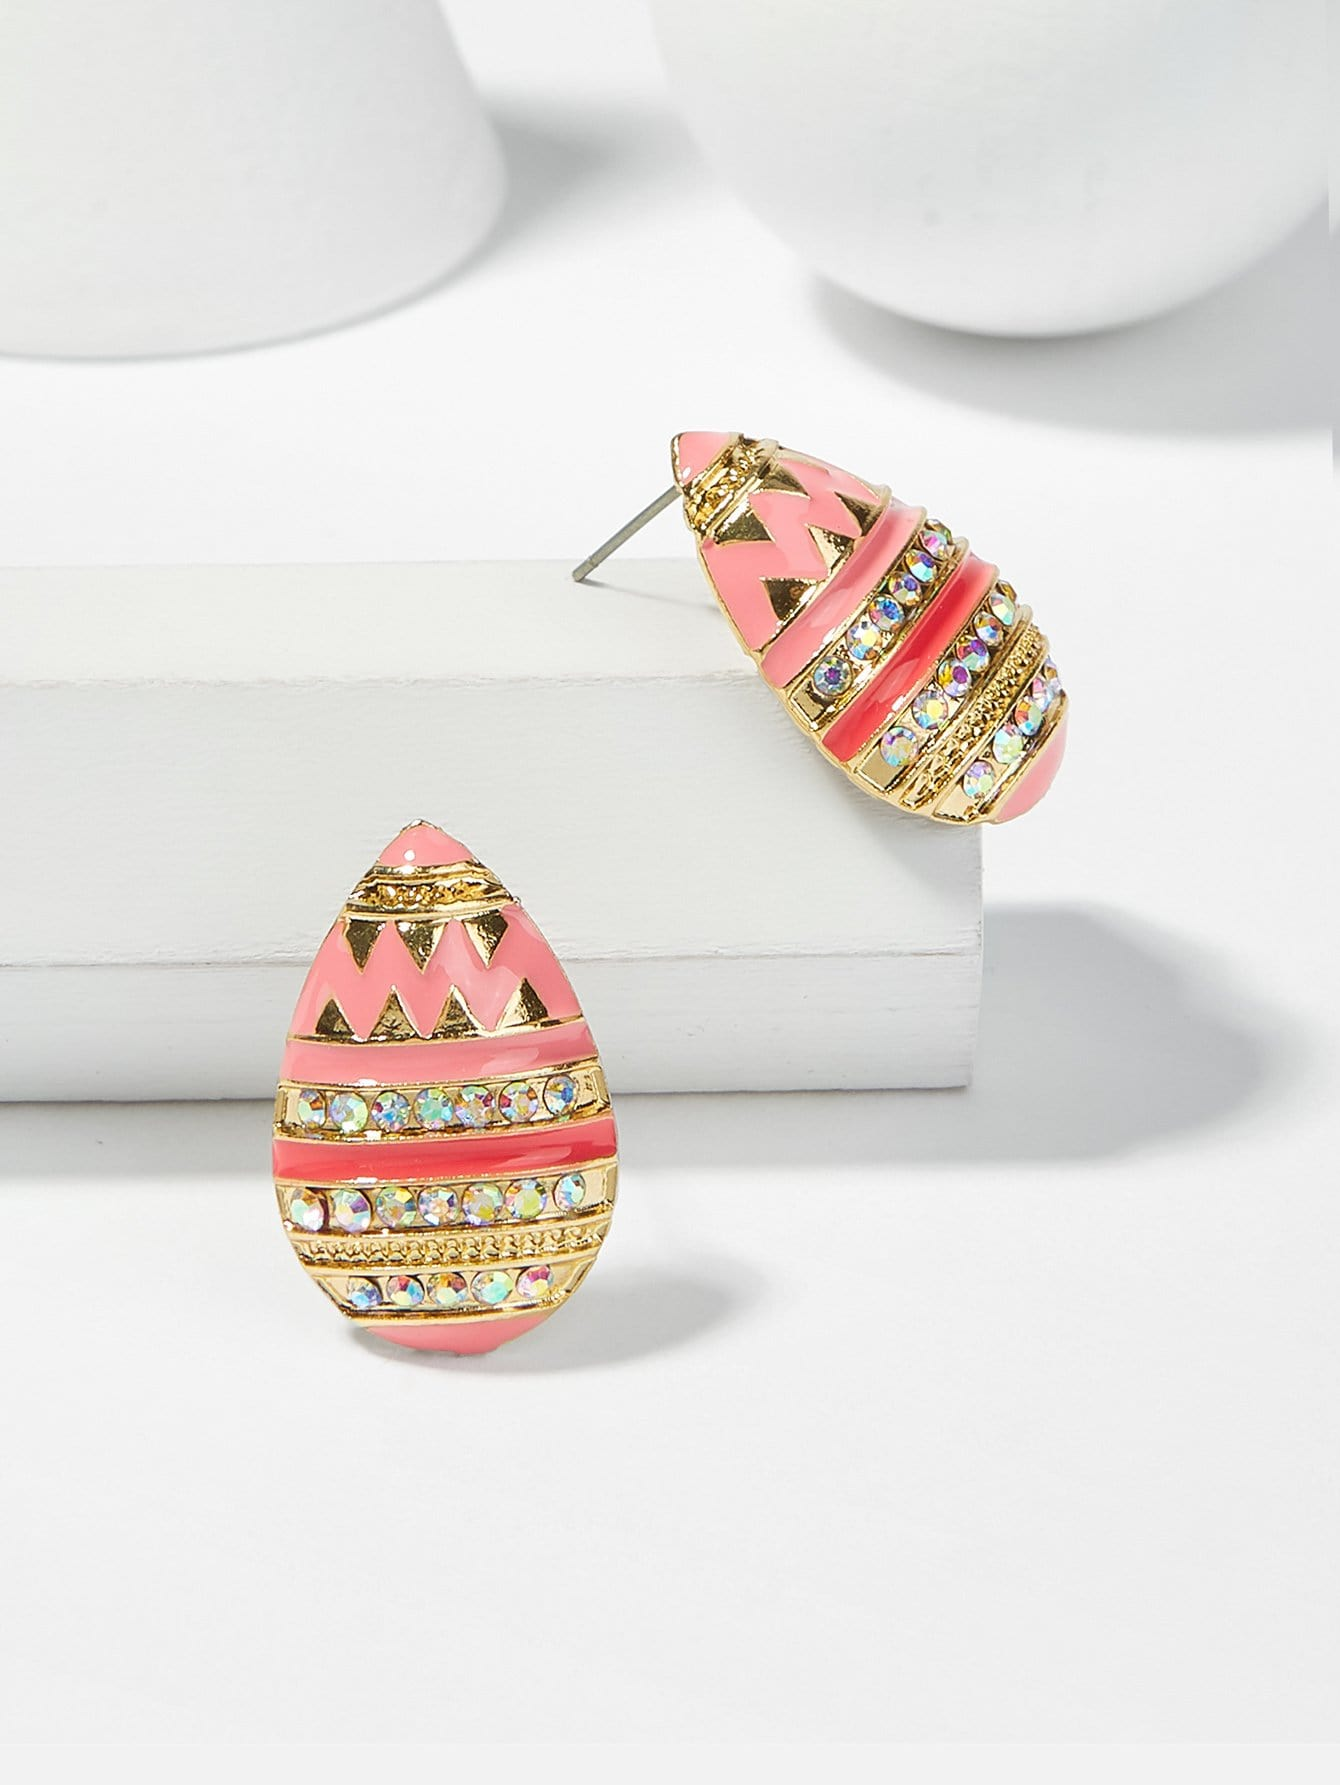 Waterdrop Shaped Rhinestone Stud Earrings rhinestone embellished waterdrop shape earrings